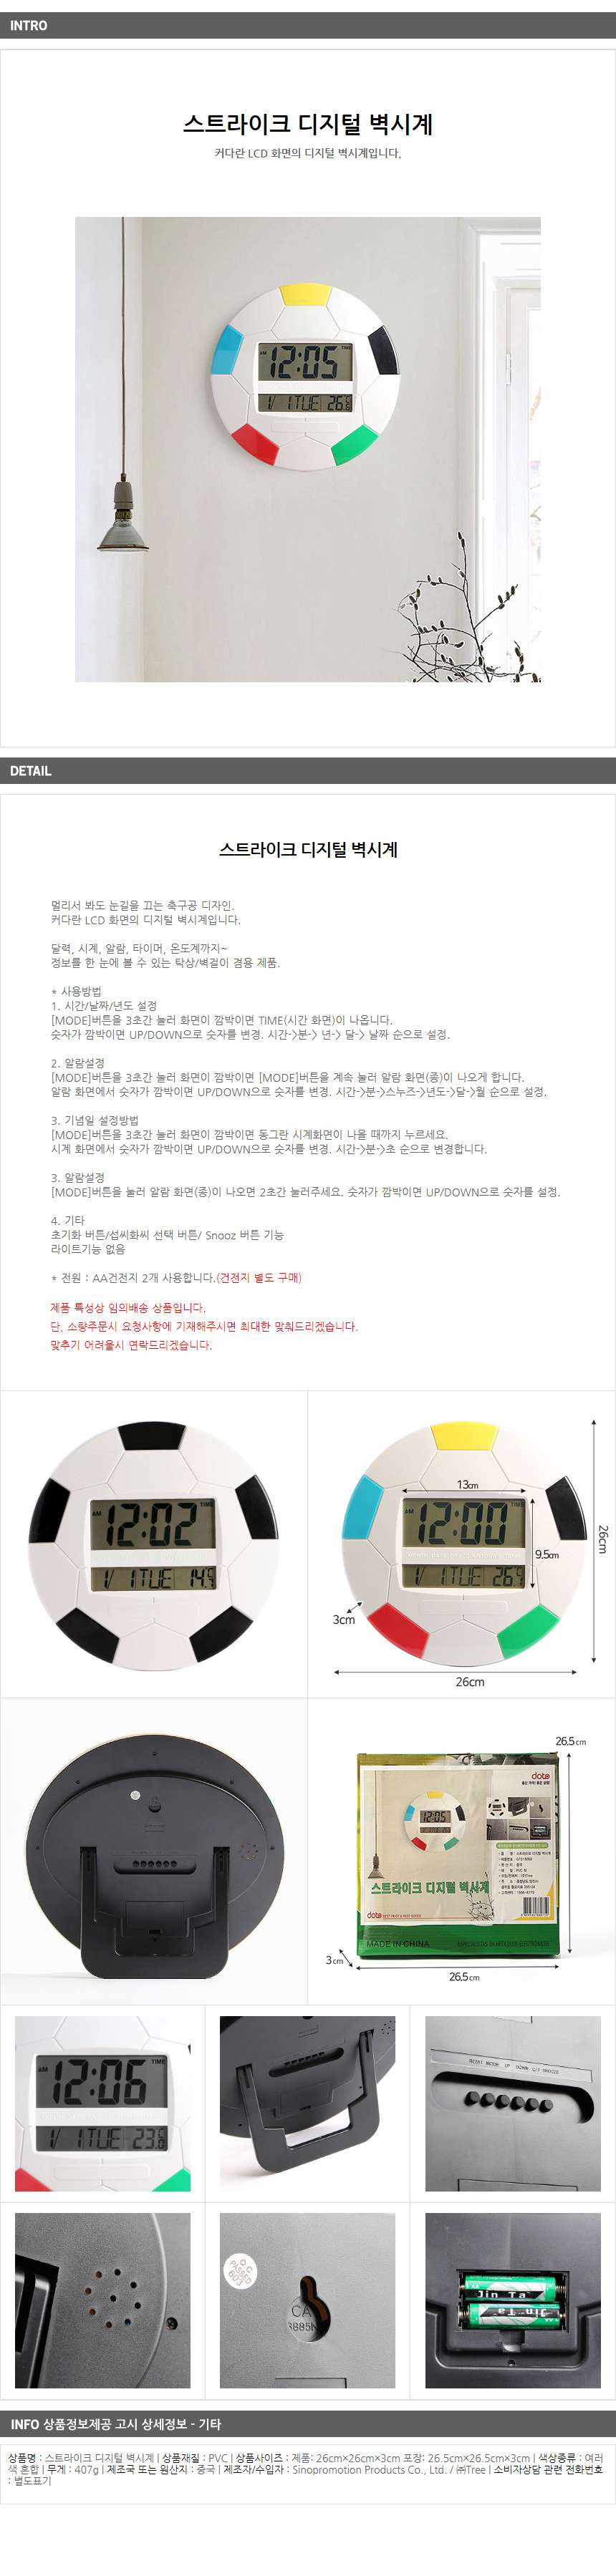 스트라이크 디지털 벽시계/전자벽시계 무소음벽시계 - 기프트갓, 15,210원, 벽시계, 디자인벽시계